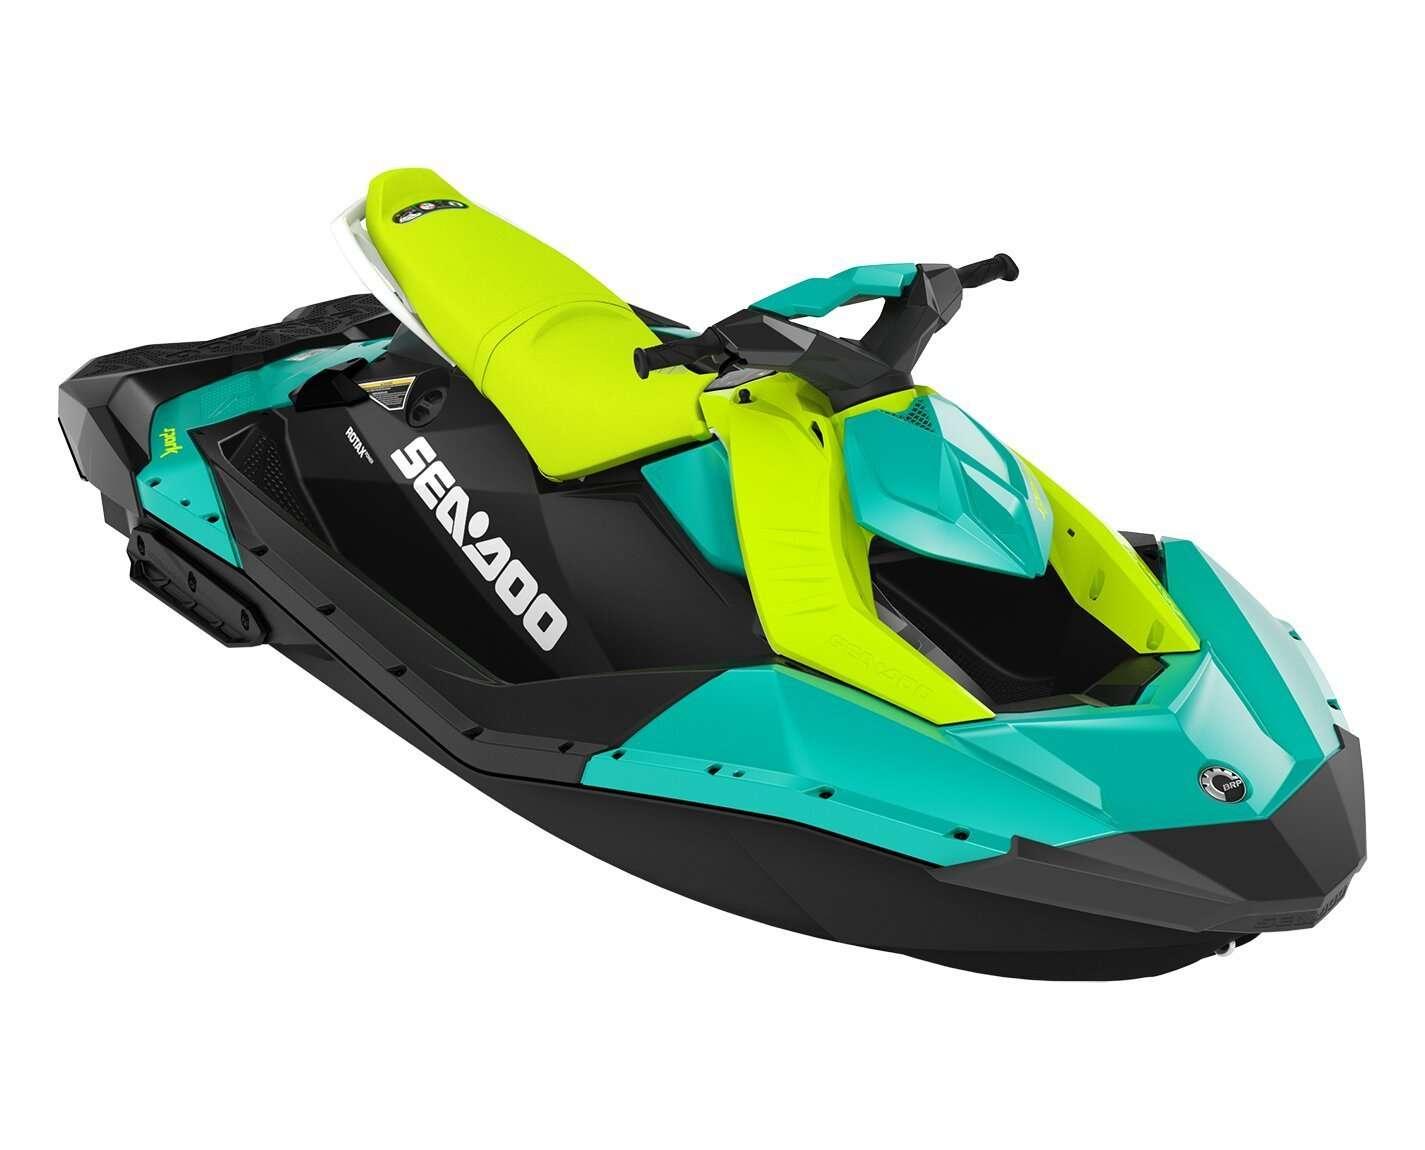 Comprar moto de agua Sea-Doo Spark Trixx 2022 en Barcelona